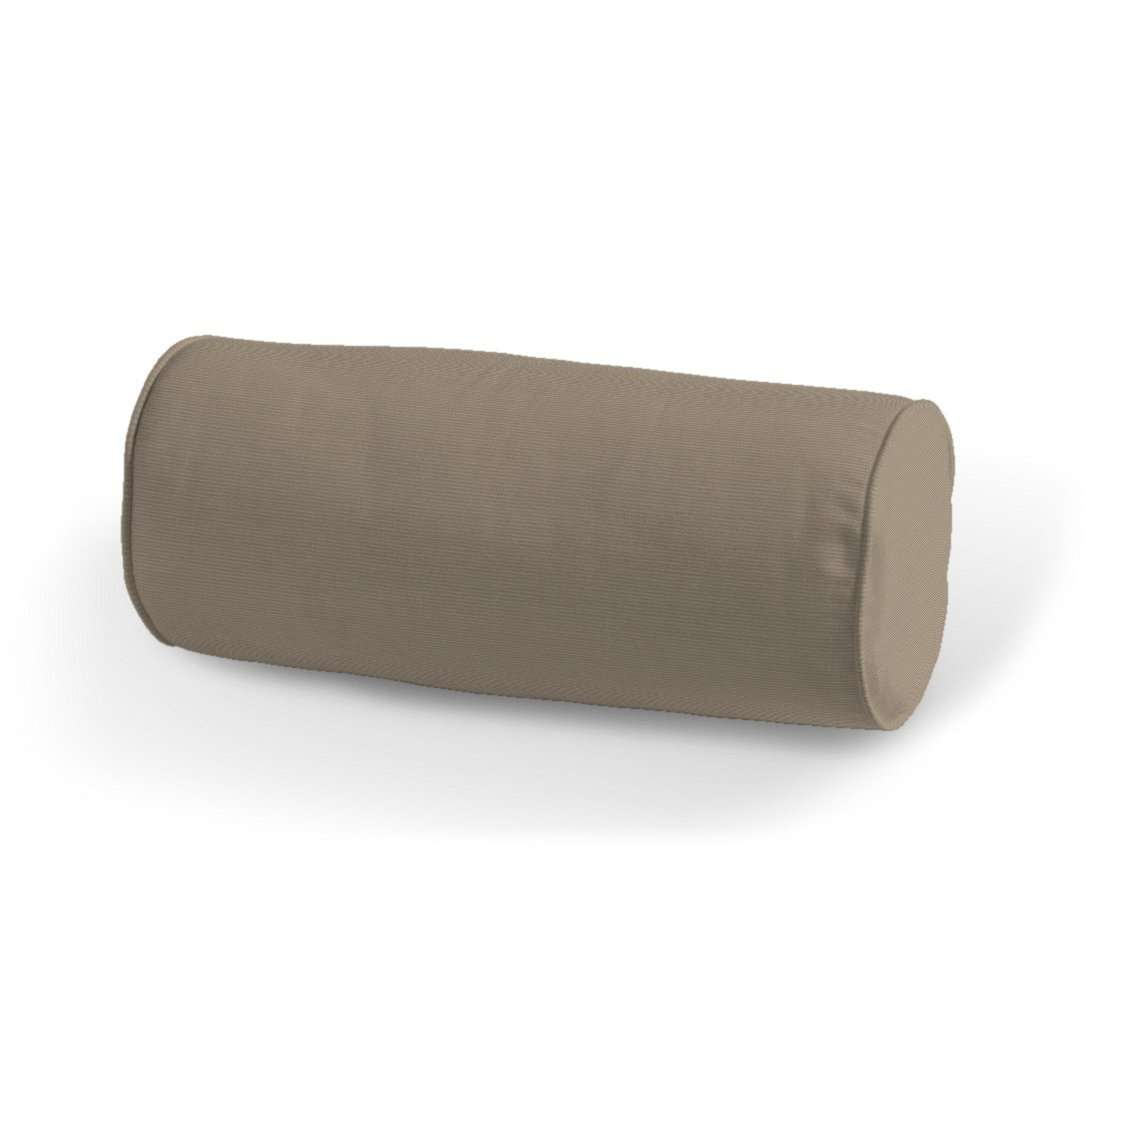 Válec jednoduchý hladký v kolekci Cotton Panama, látka: 702-28